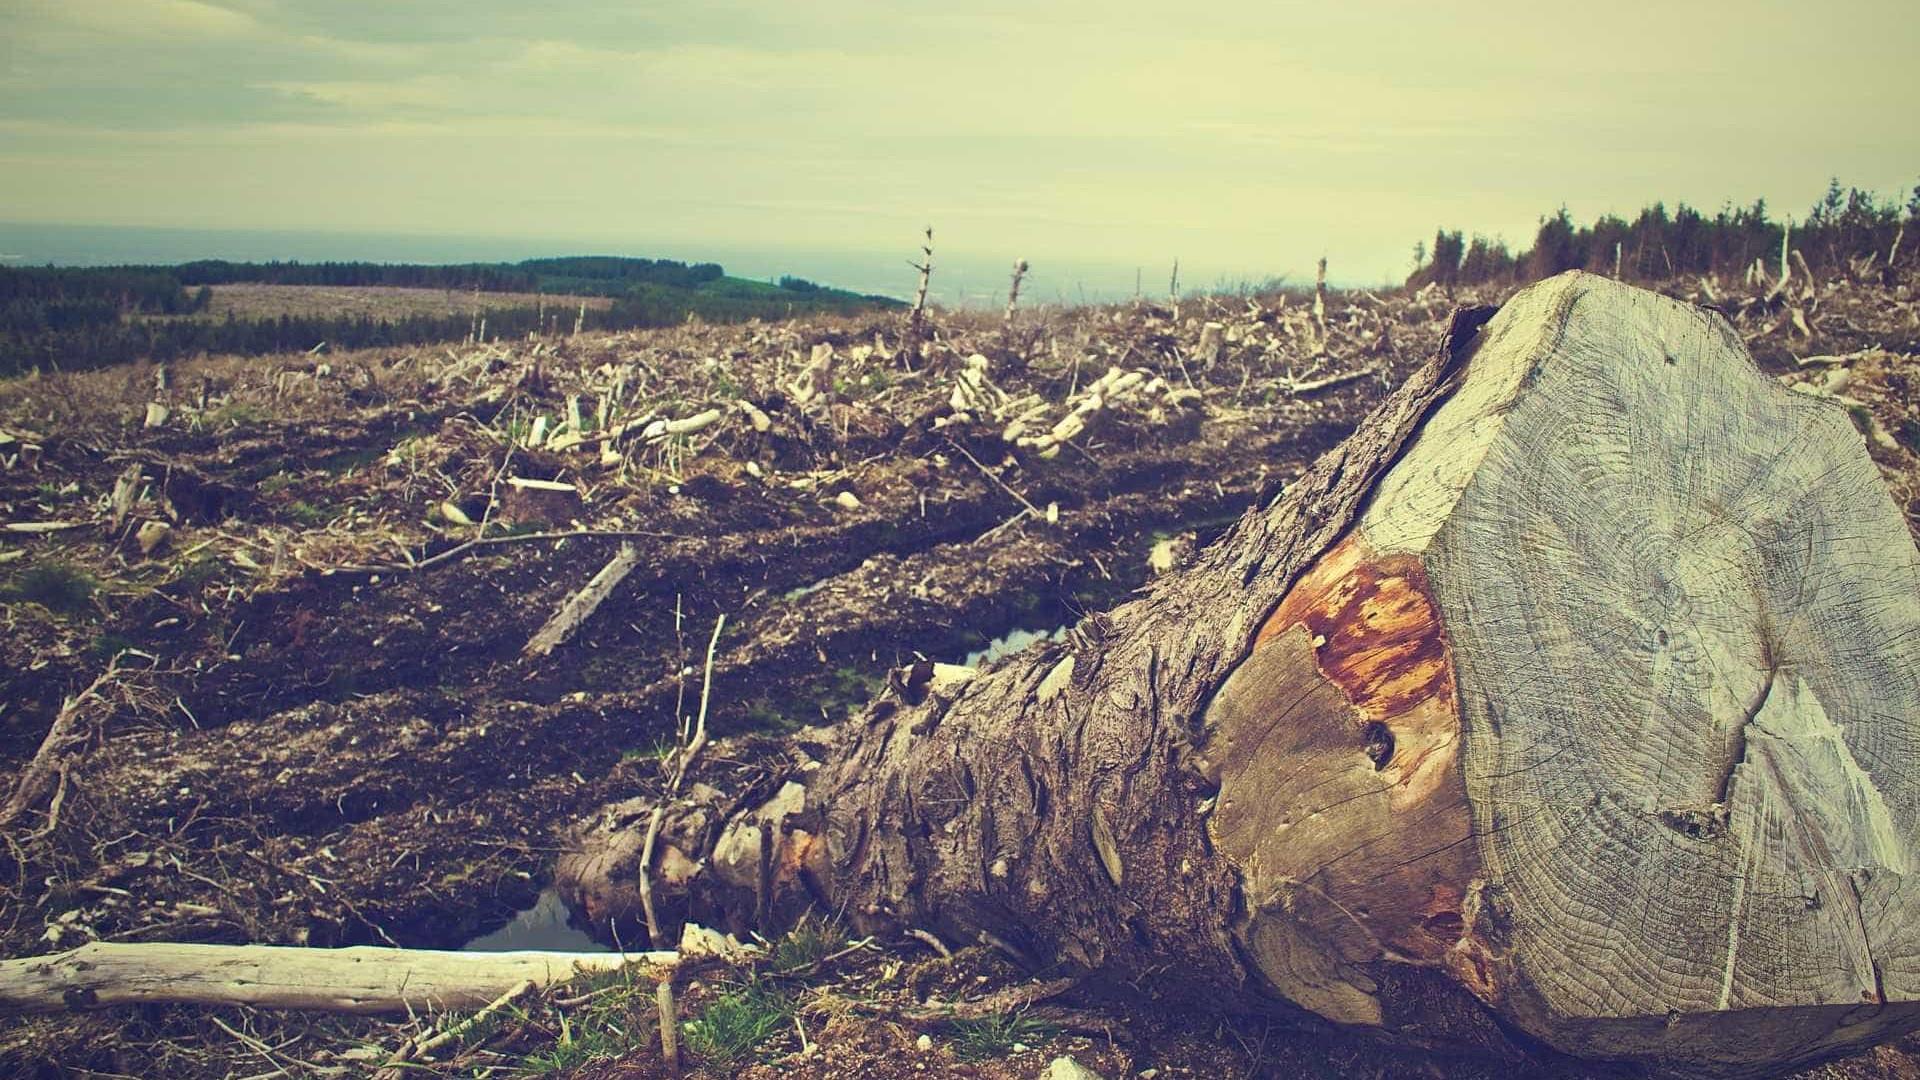 Desmatamento na Amazônia cresce 14% e é o maior desde 2008